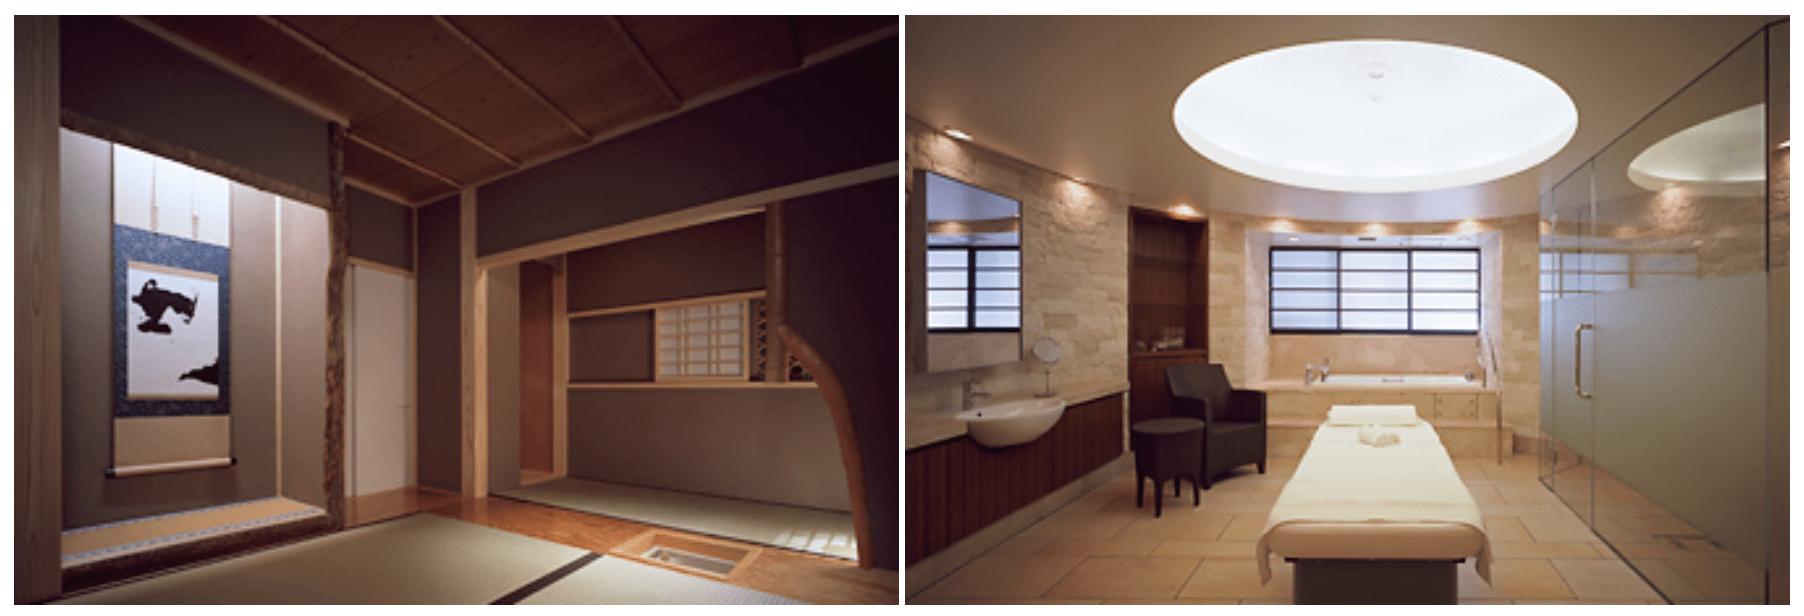 赤坂タワーレジデンスの共有施設イメージ